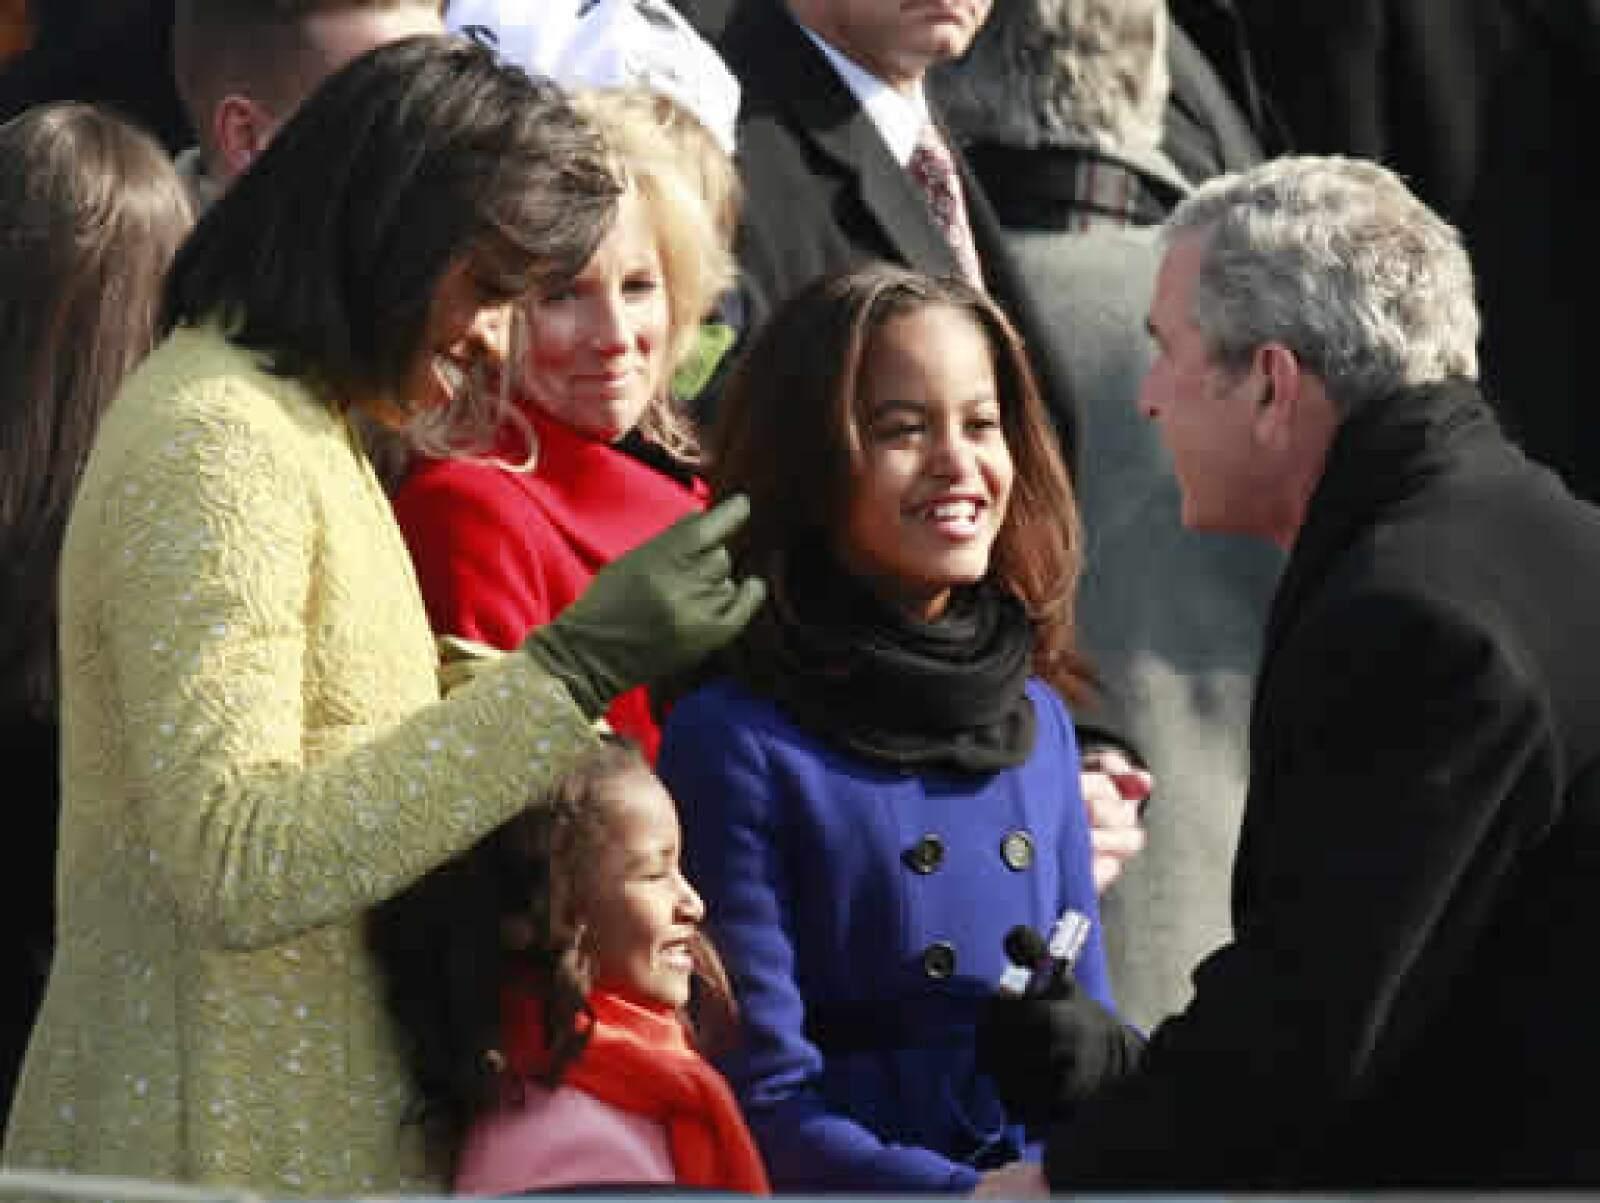 Bush felicita a Michelle, la esposa de Obama, y sus hijas Sasha y Malia.